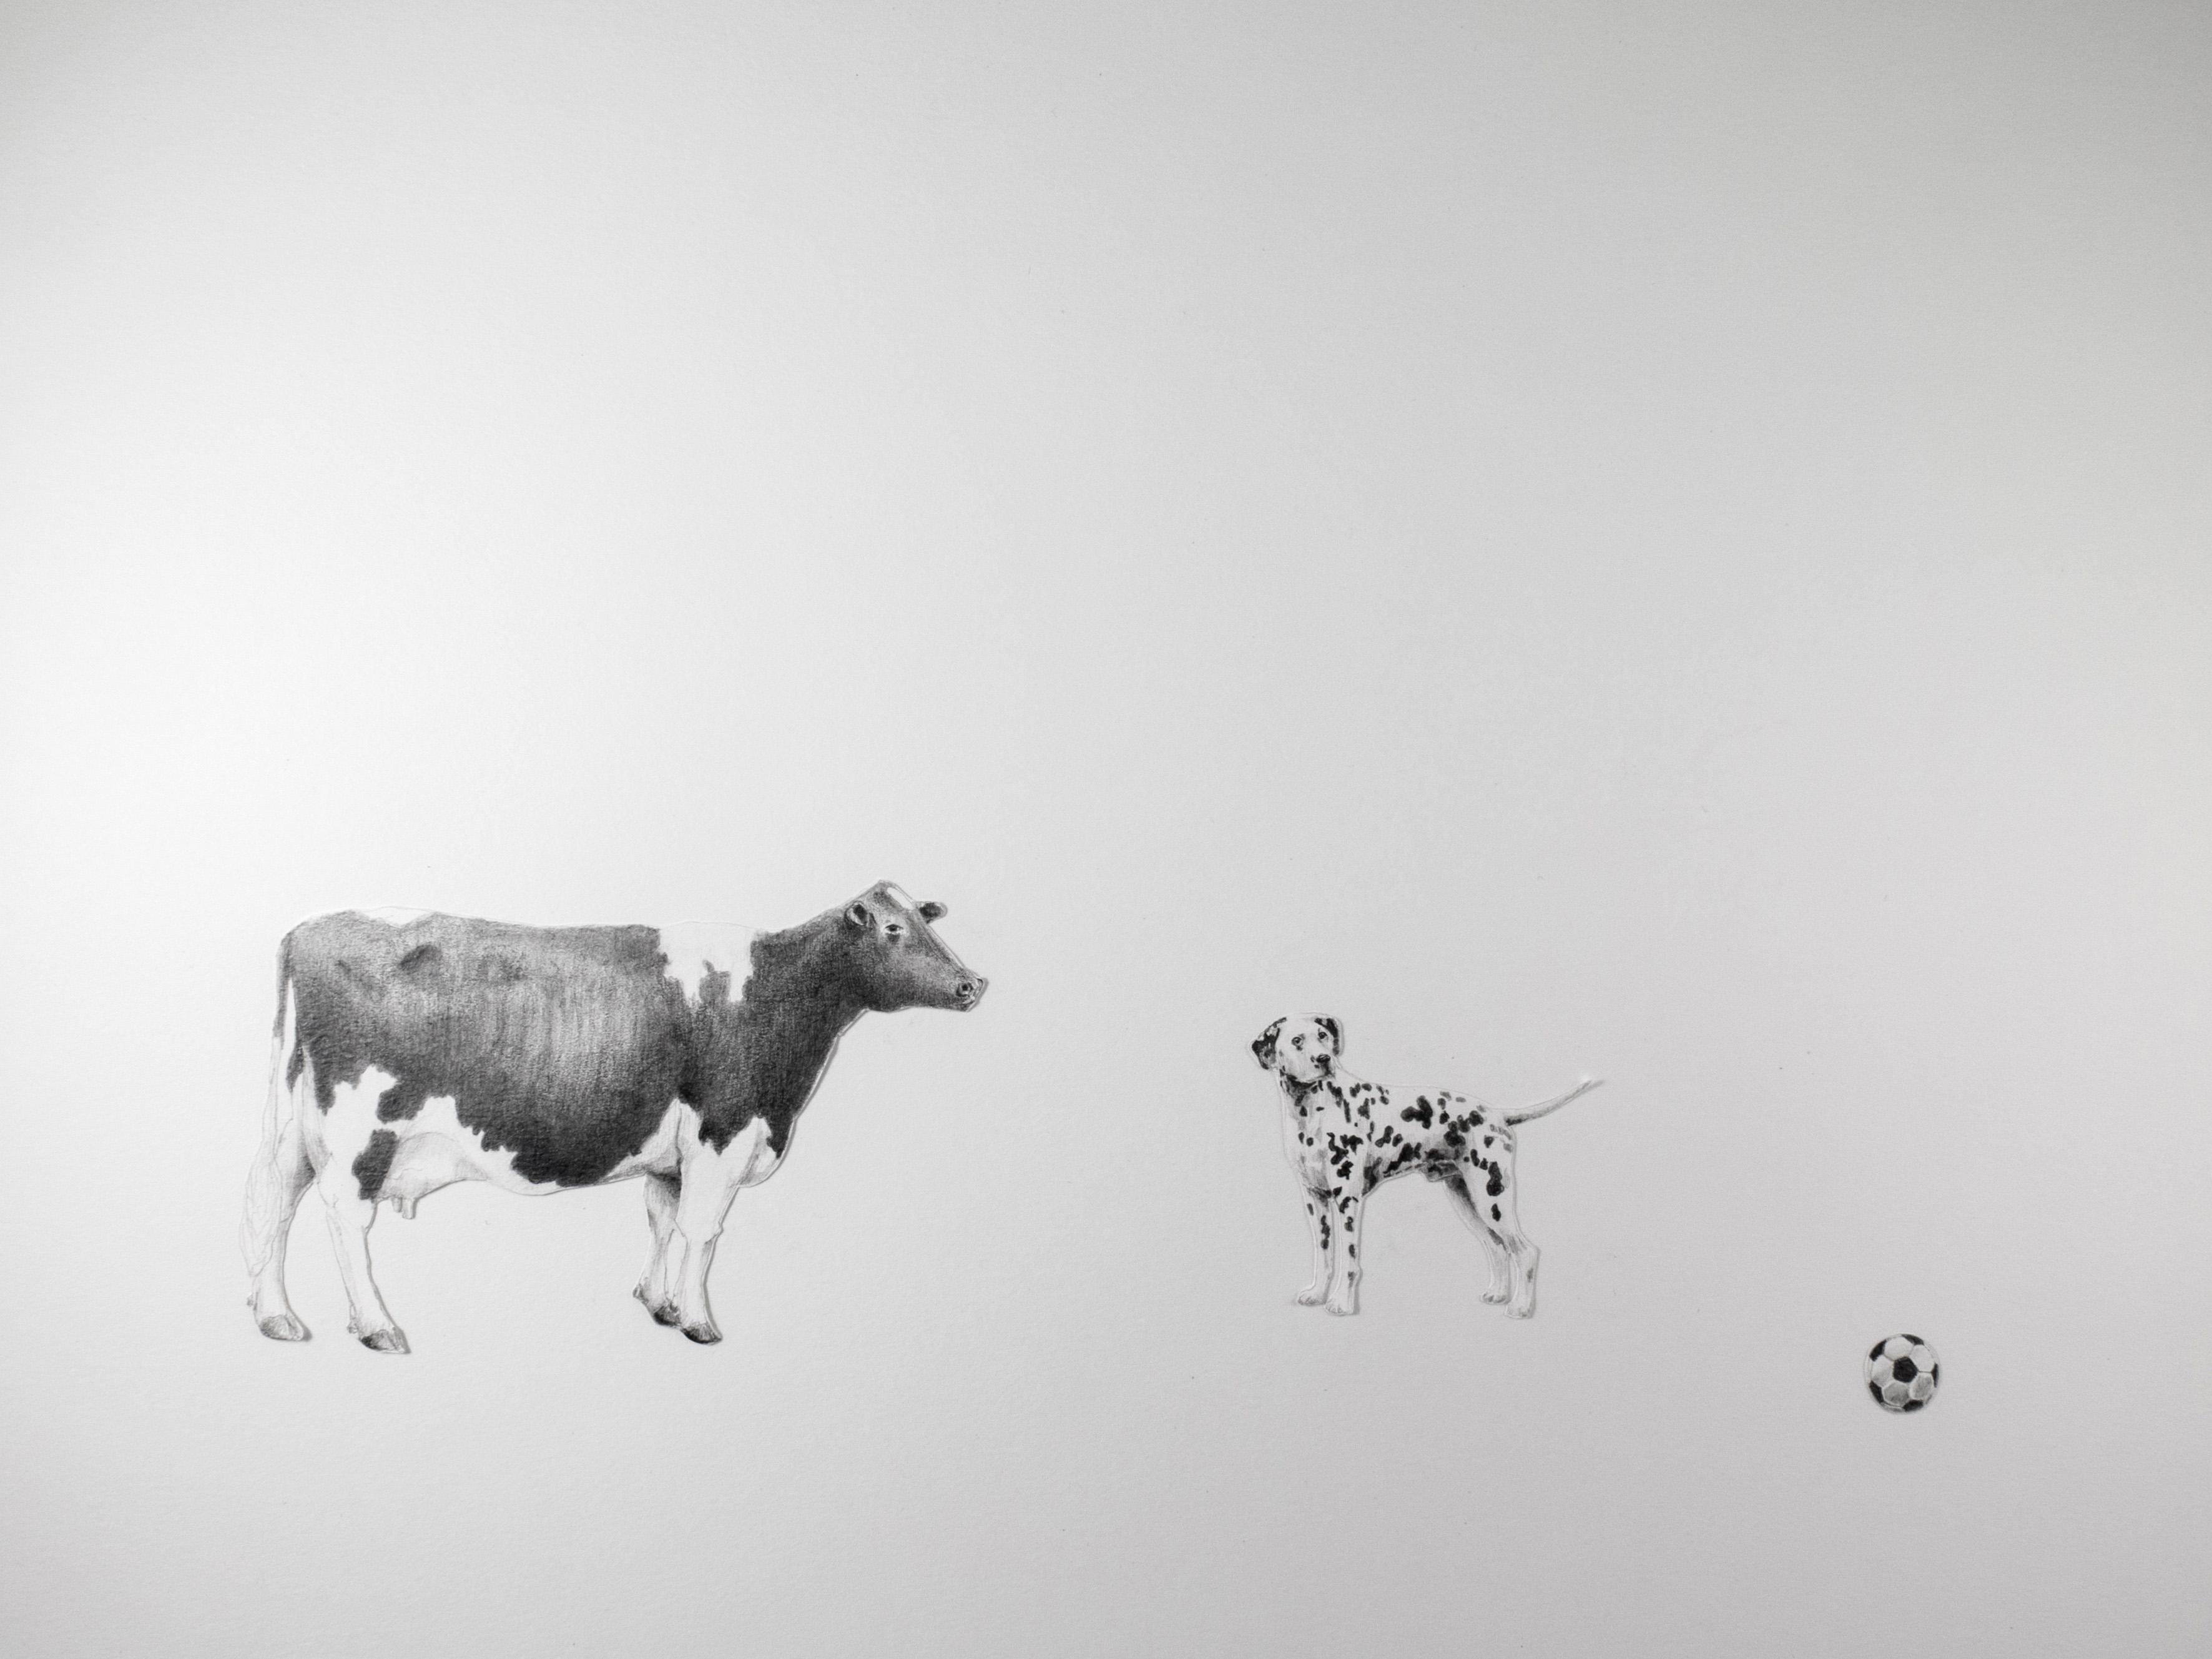 feira-de-desenho-lisboa-drawing-room-argentina-argentino-2019